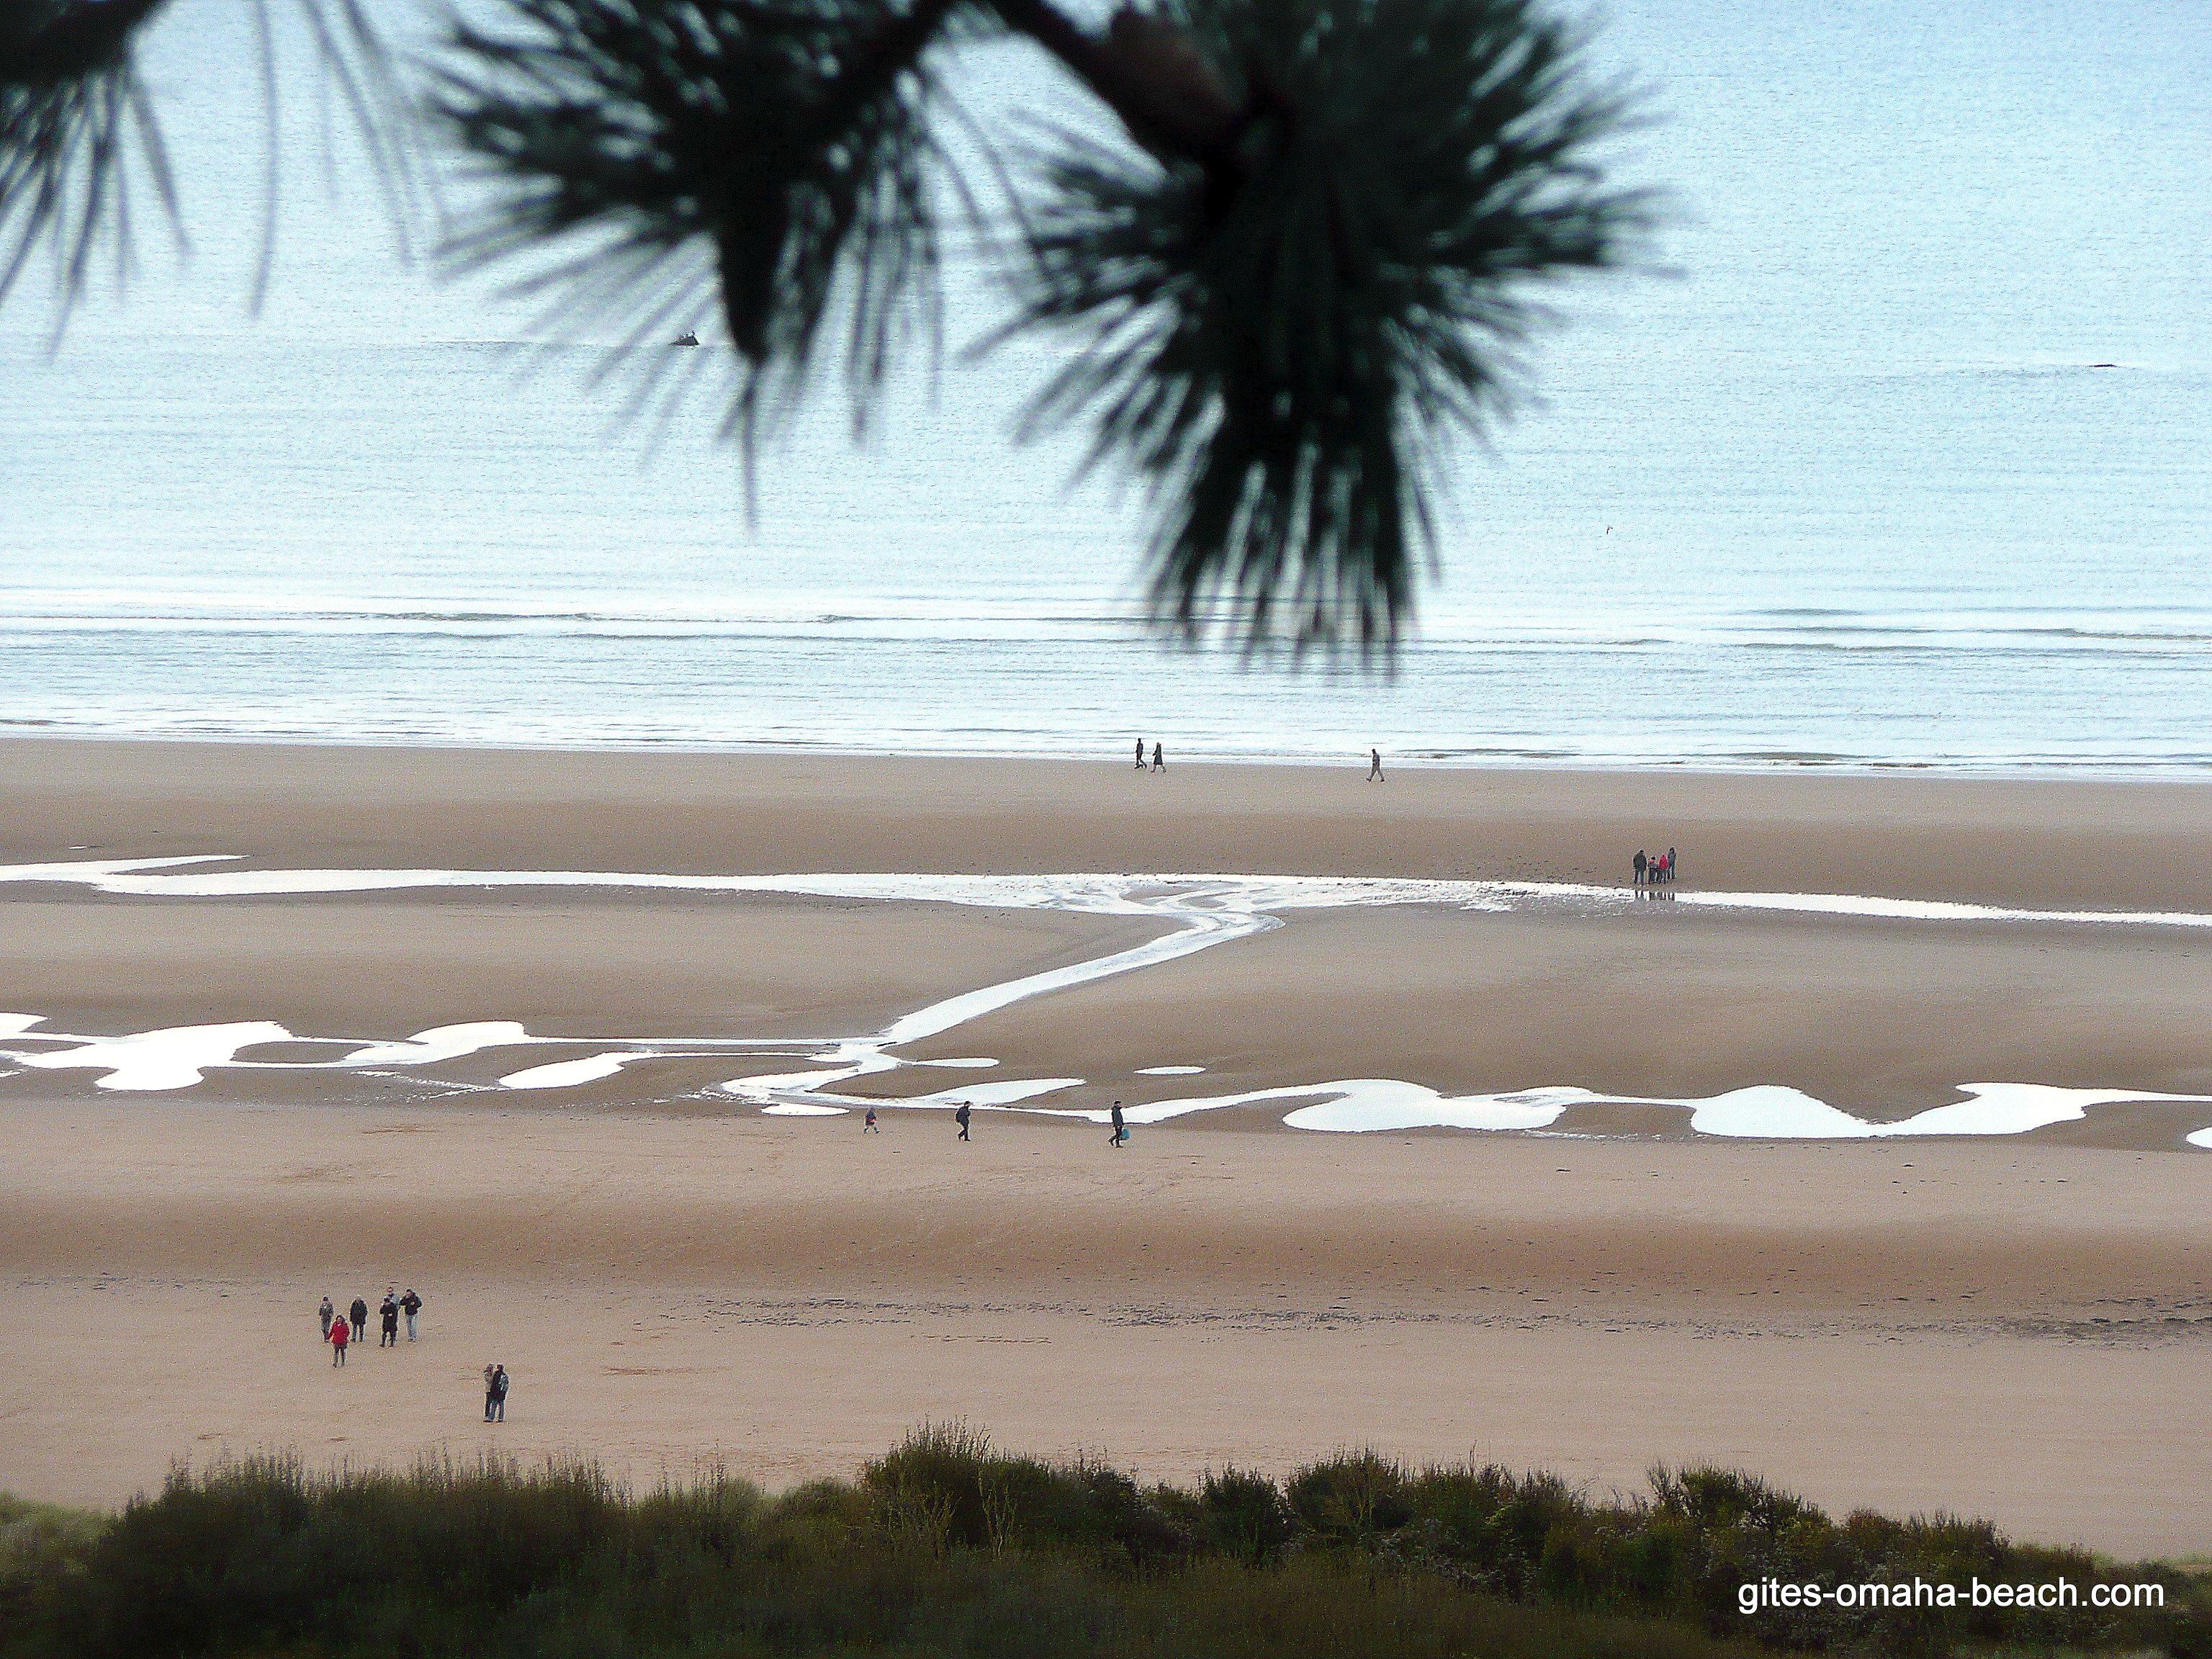 La plage d'Omaha Beach, vue du cimetière américain